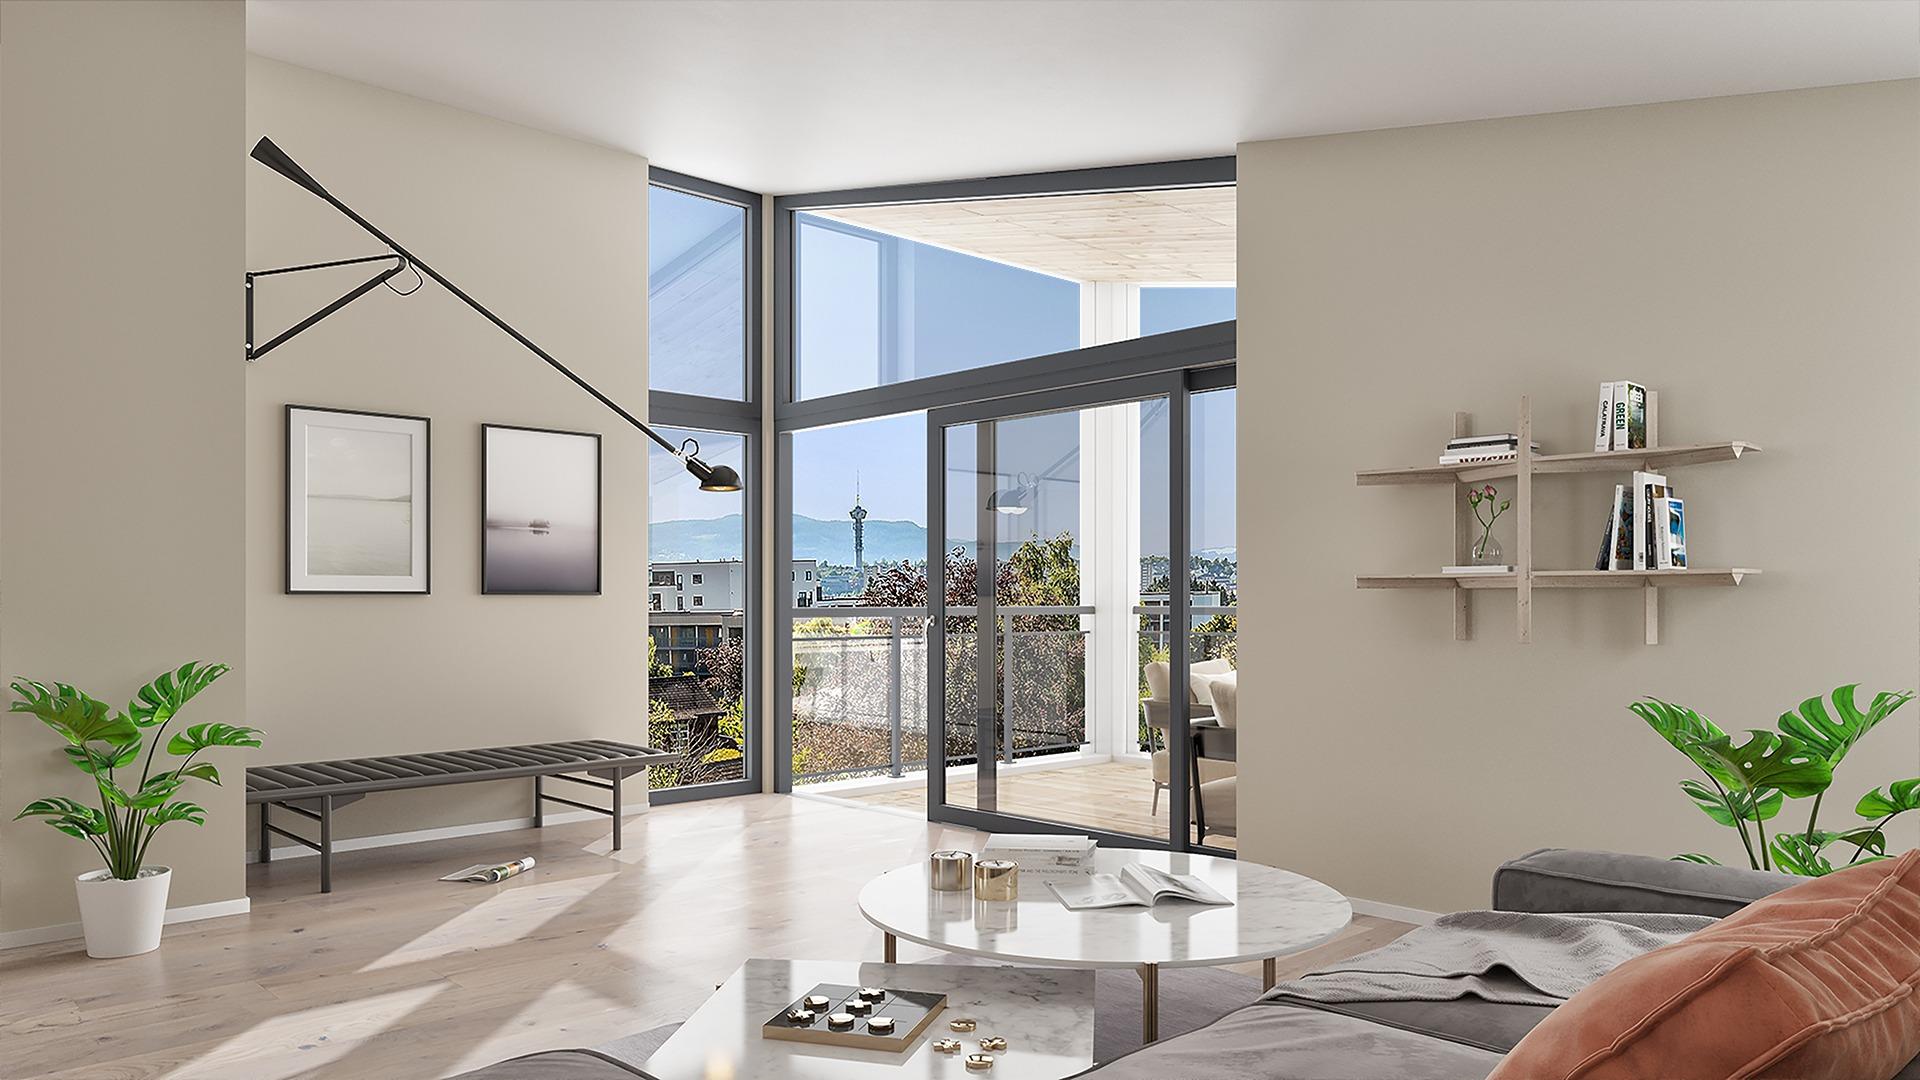 Lys og lekker stue med skråtak som leder blikket mot uterommet og den flotte utsikten. Illustrasjon, avvik kan forekomme.